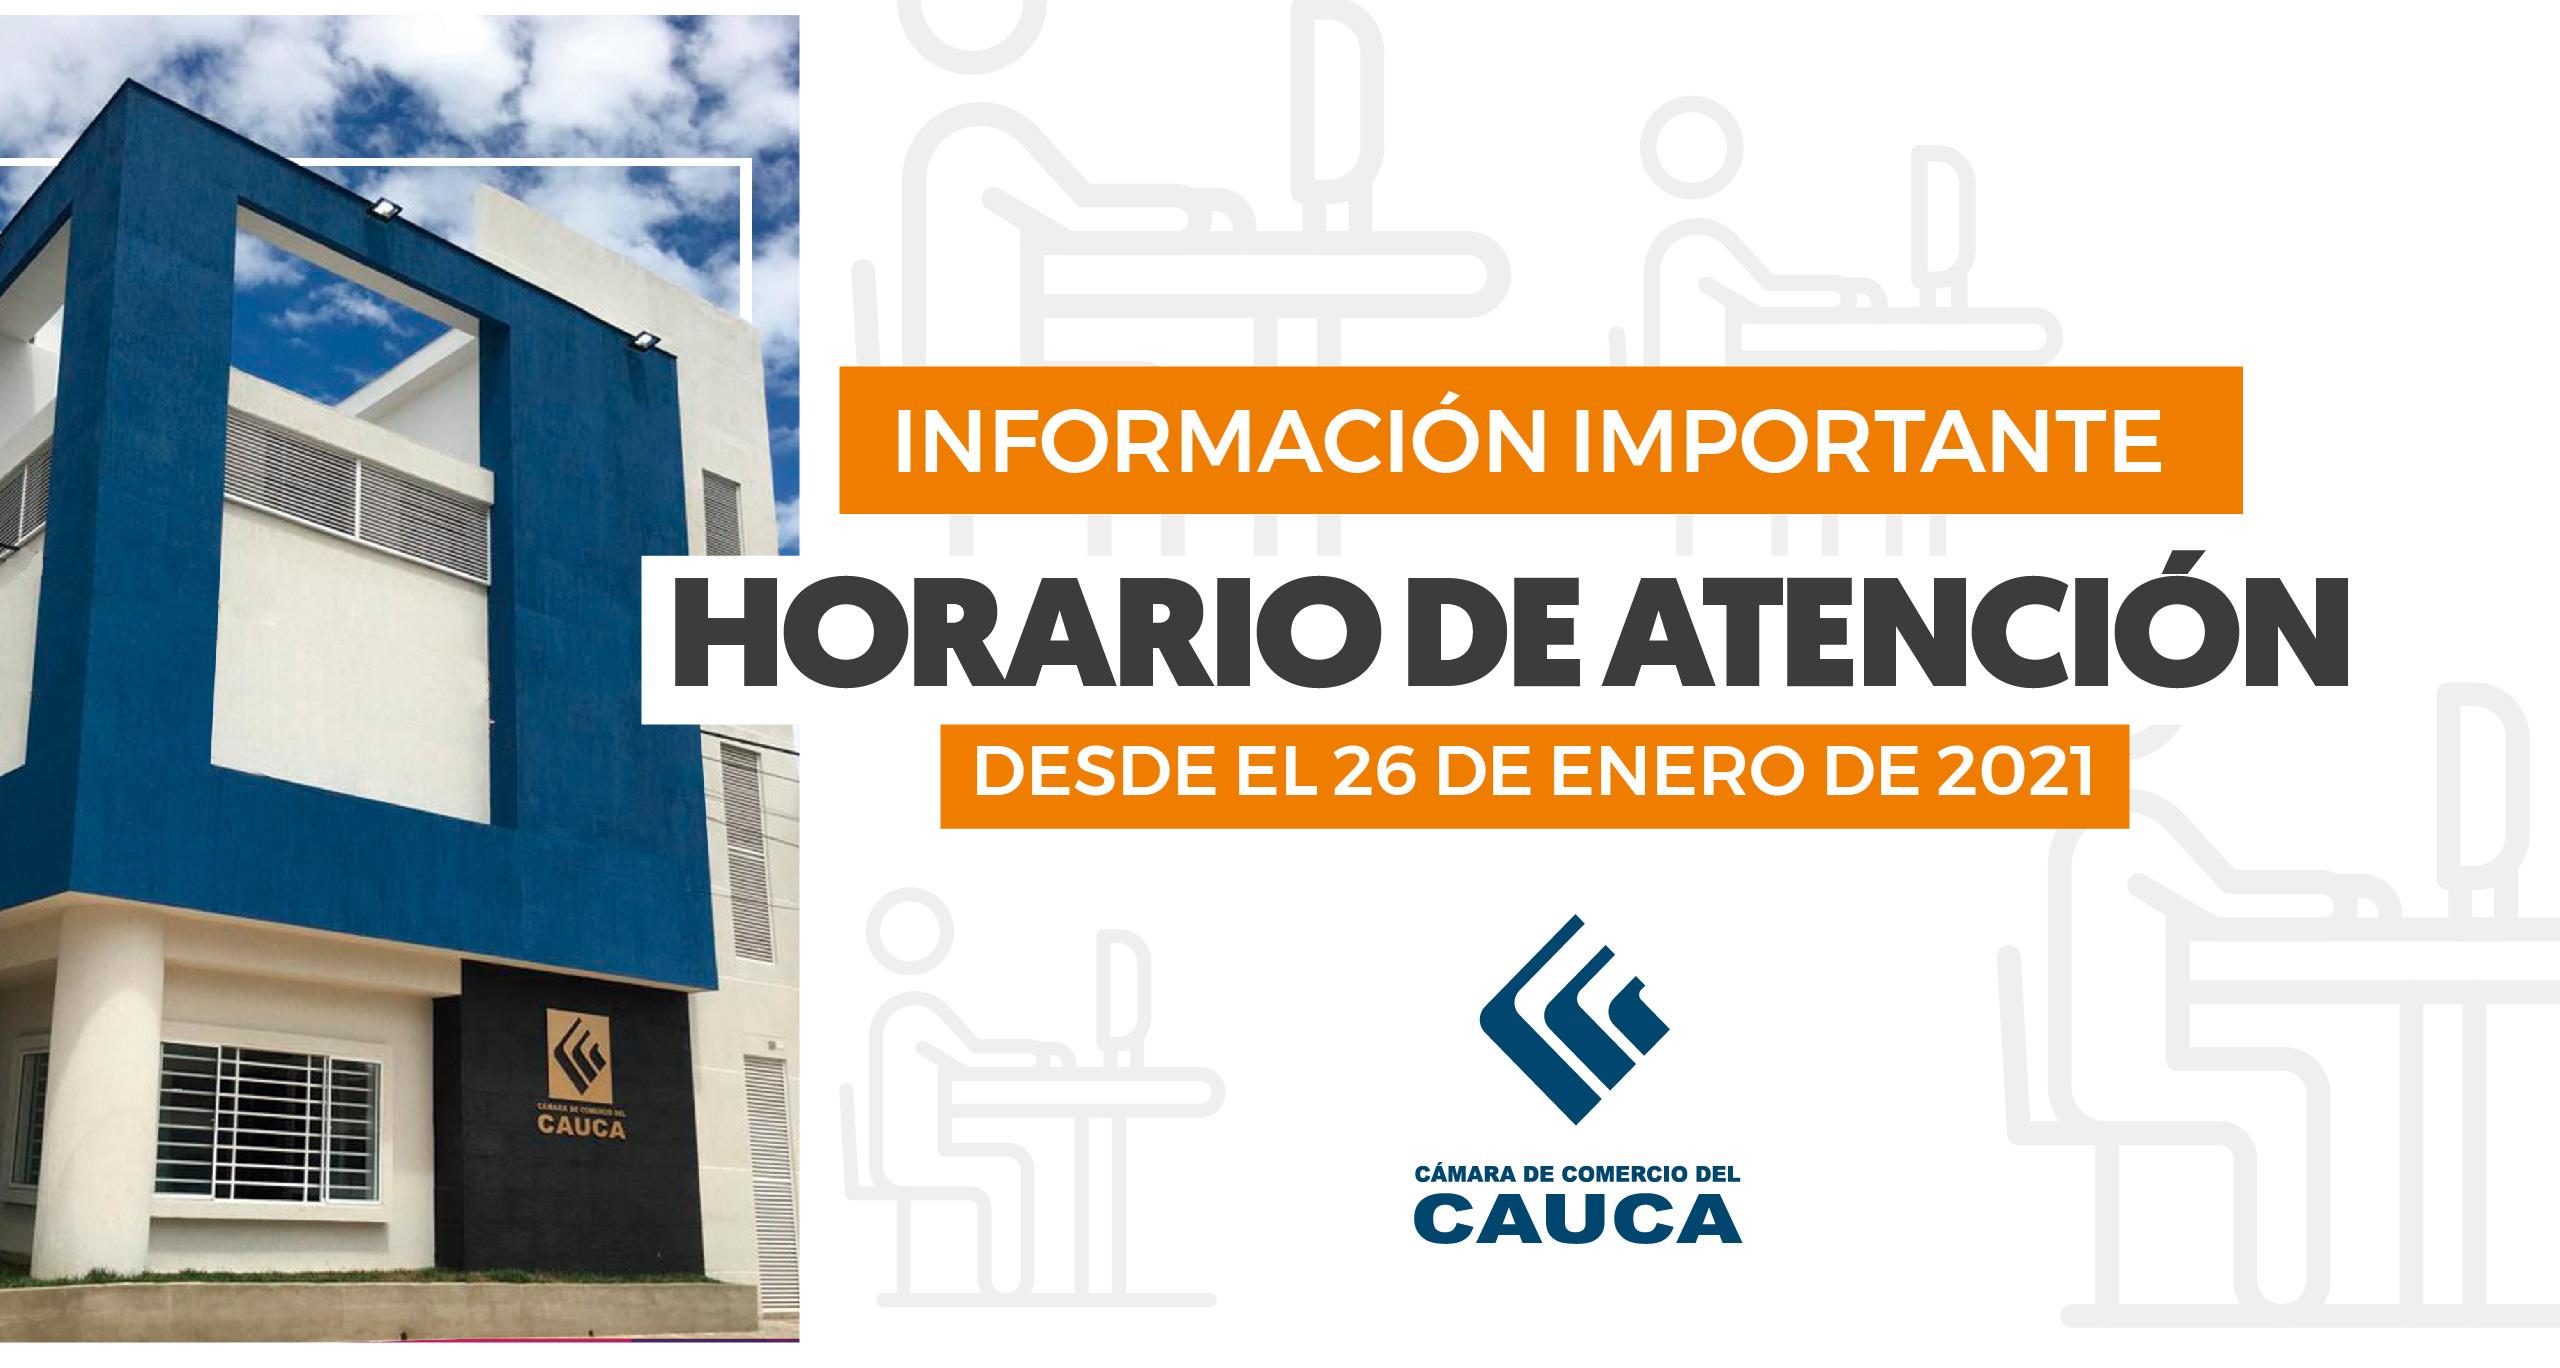 Aviso Importante | Horarios de Atención a partir del 28 de enero en nuestras sedes de Popayán y Seccionales Norte y Sur